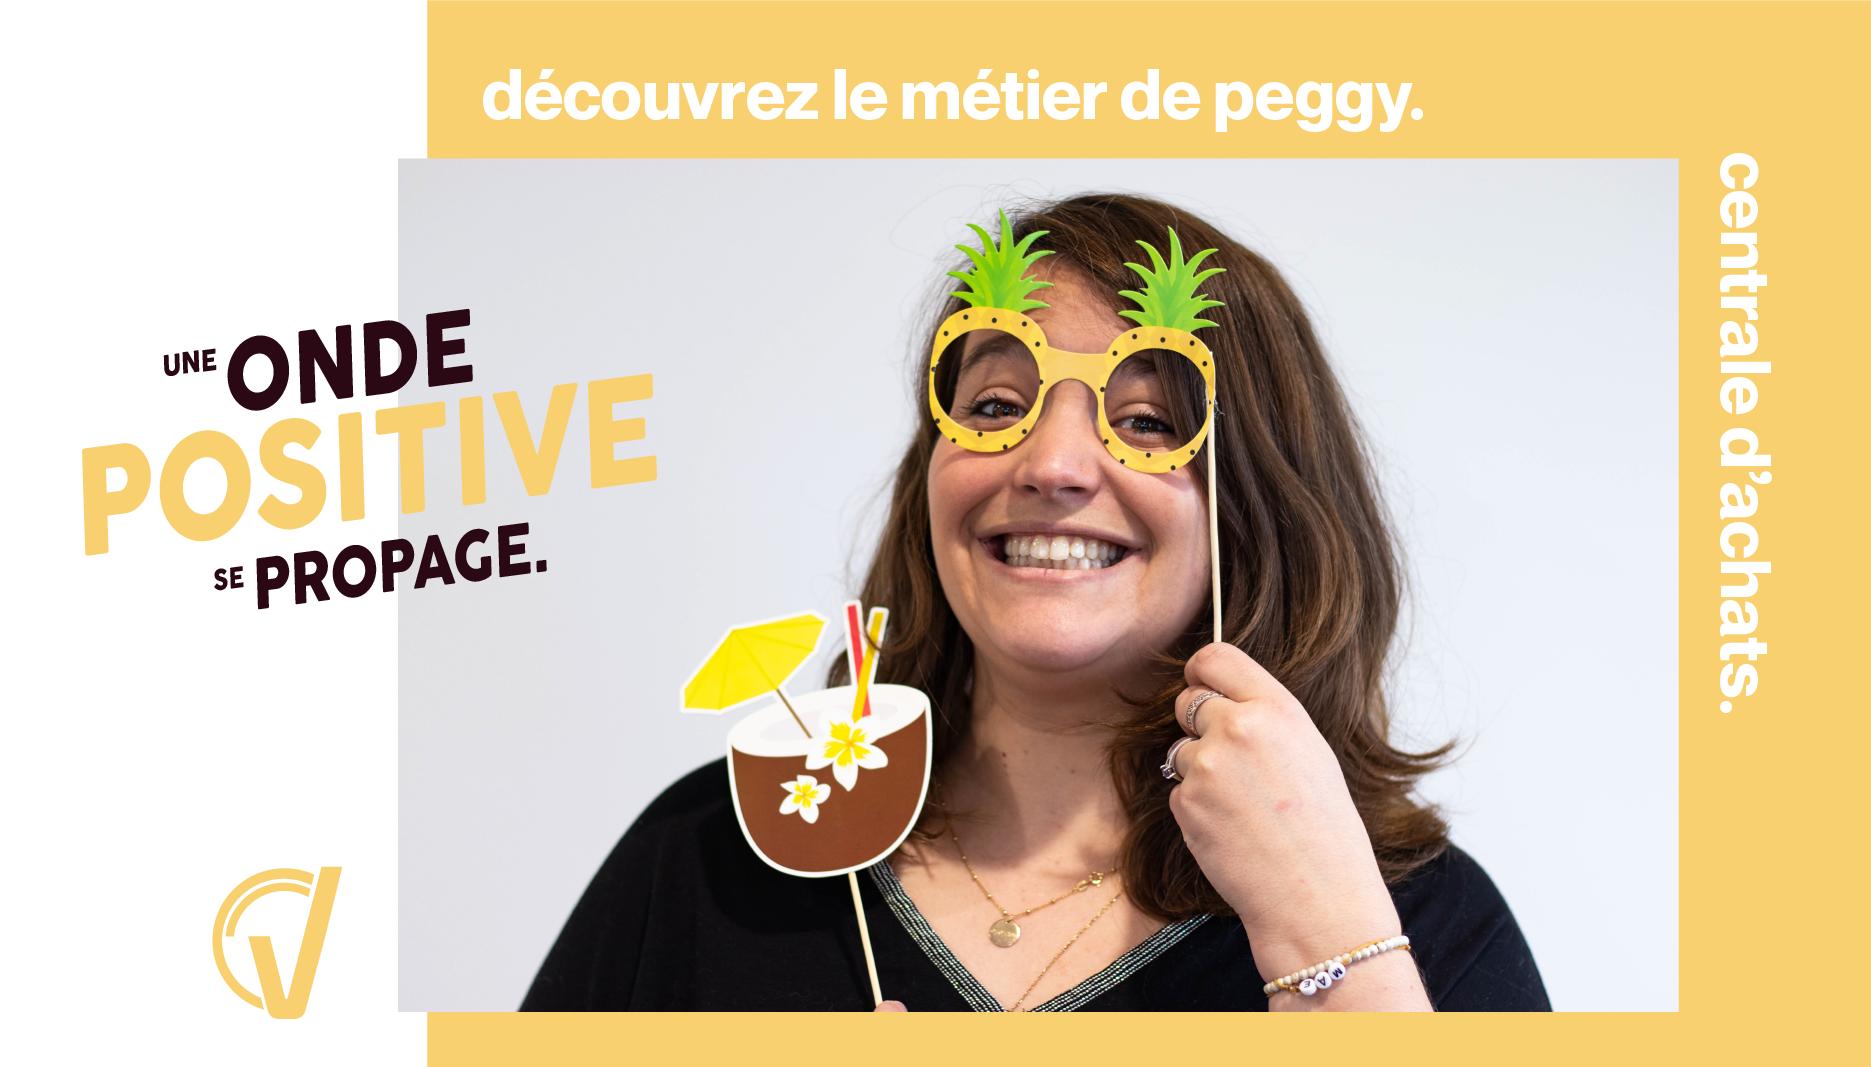 Les Talents de VDLV – Peggy, responsable des achats